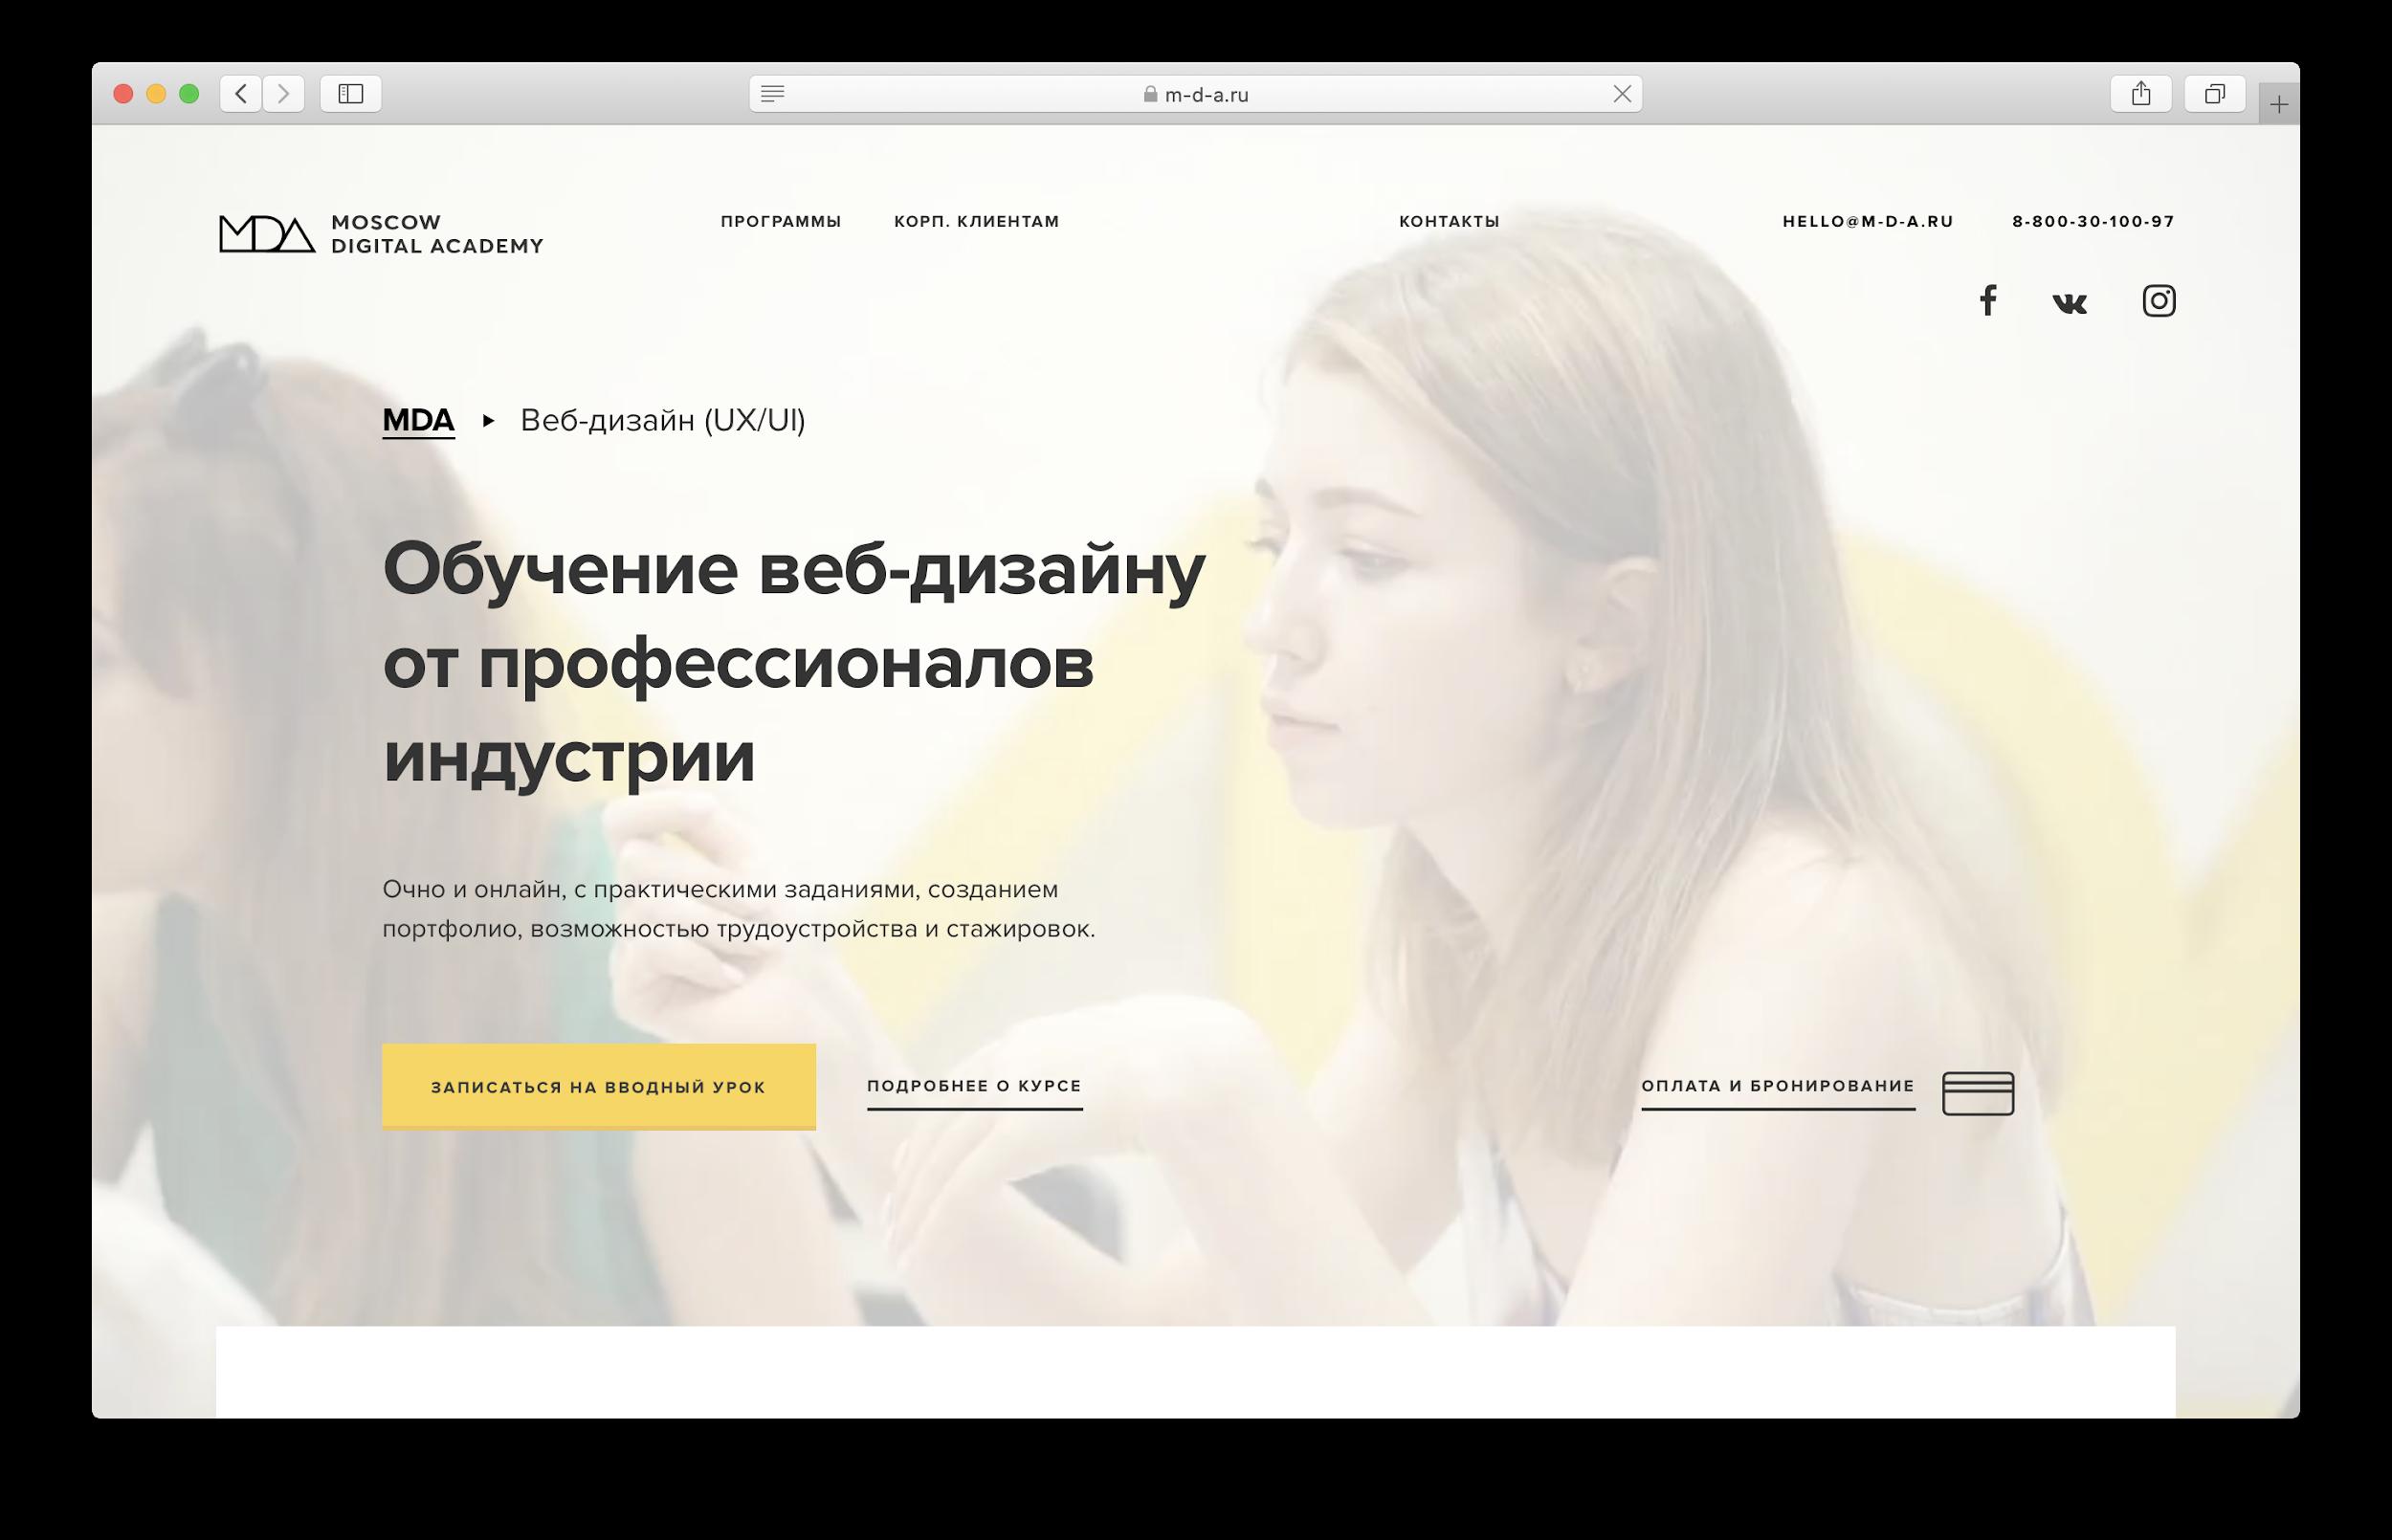 Веб-дизайн (UX/UI) от MDA